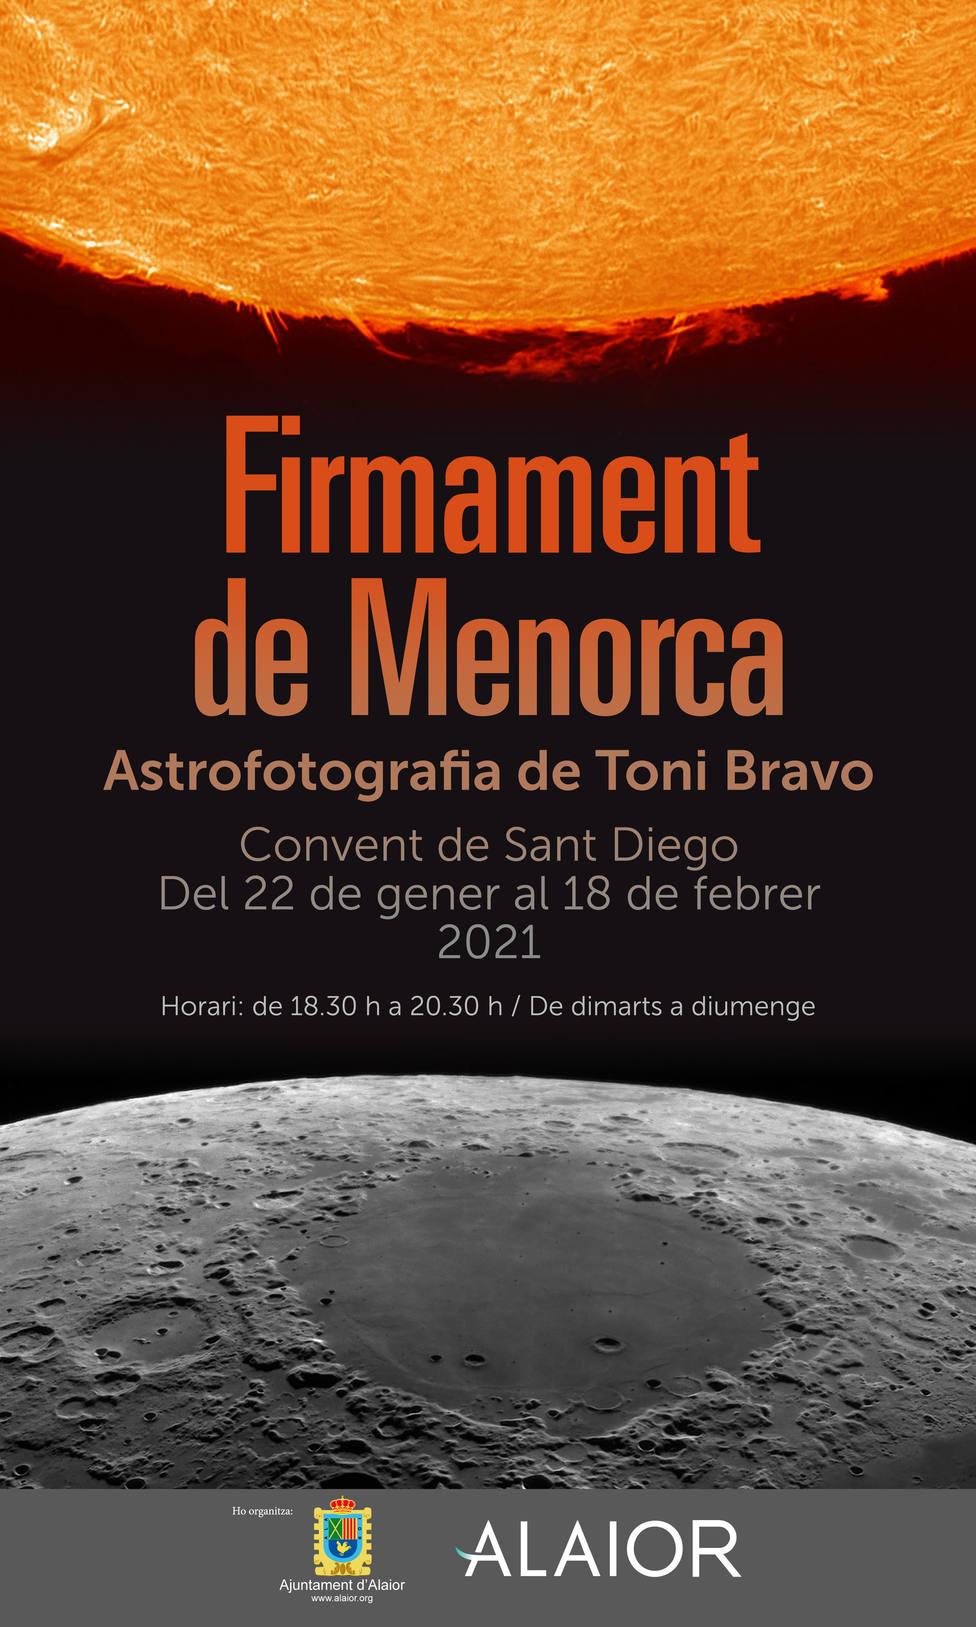 Alaior acoge la exposición de astrofotografíaFirmamento de Menorca